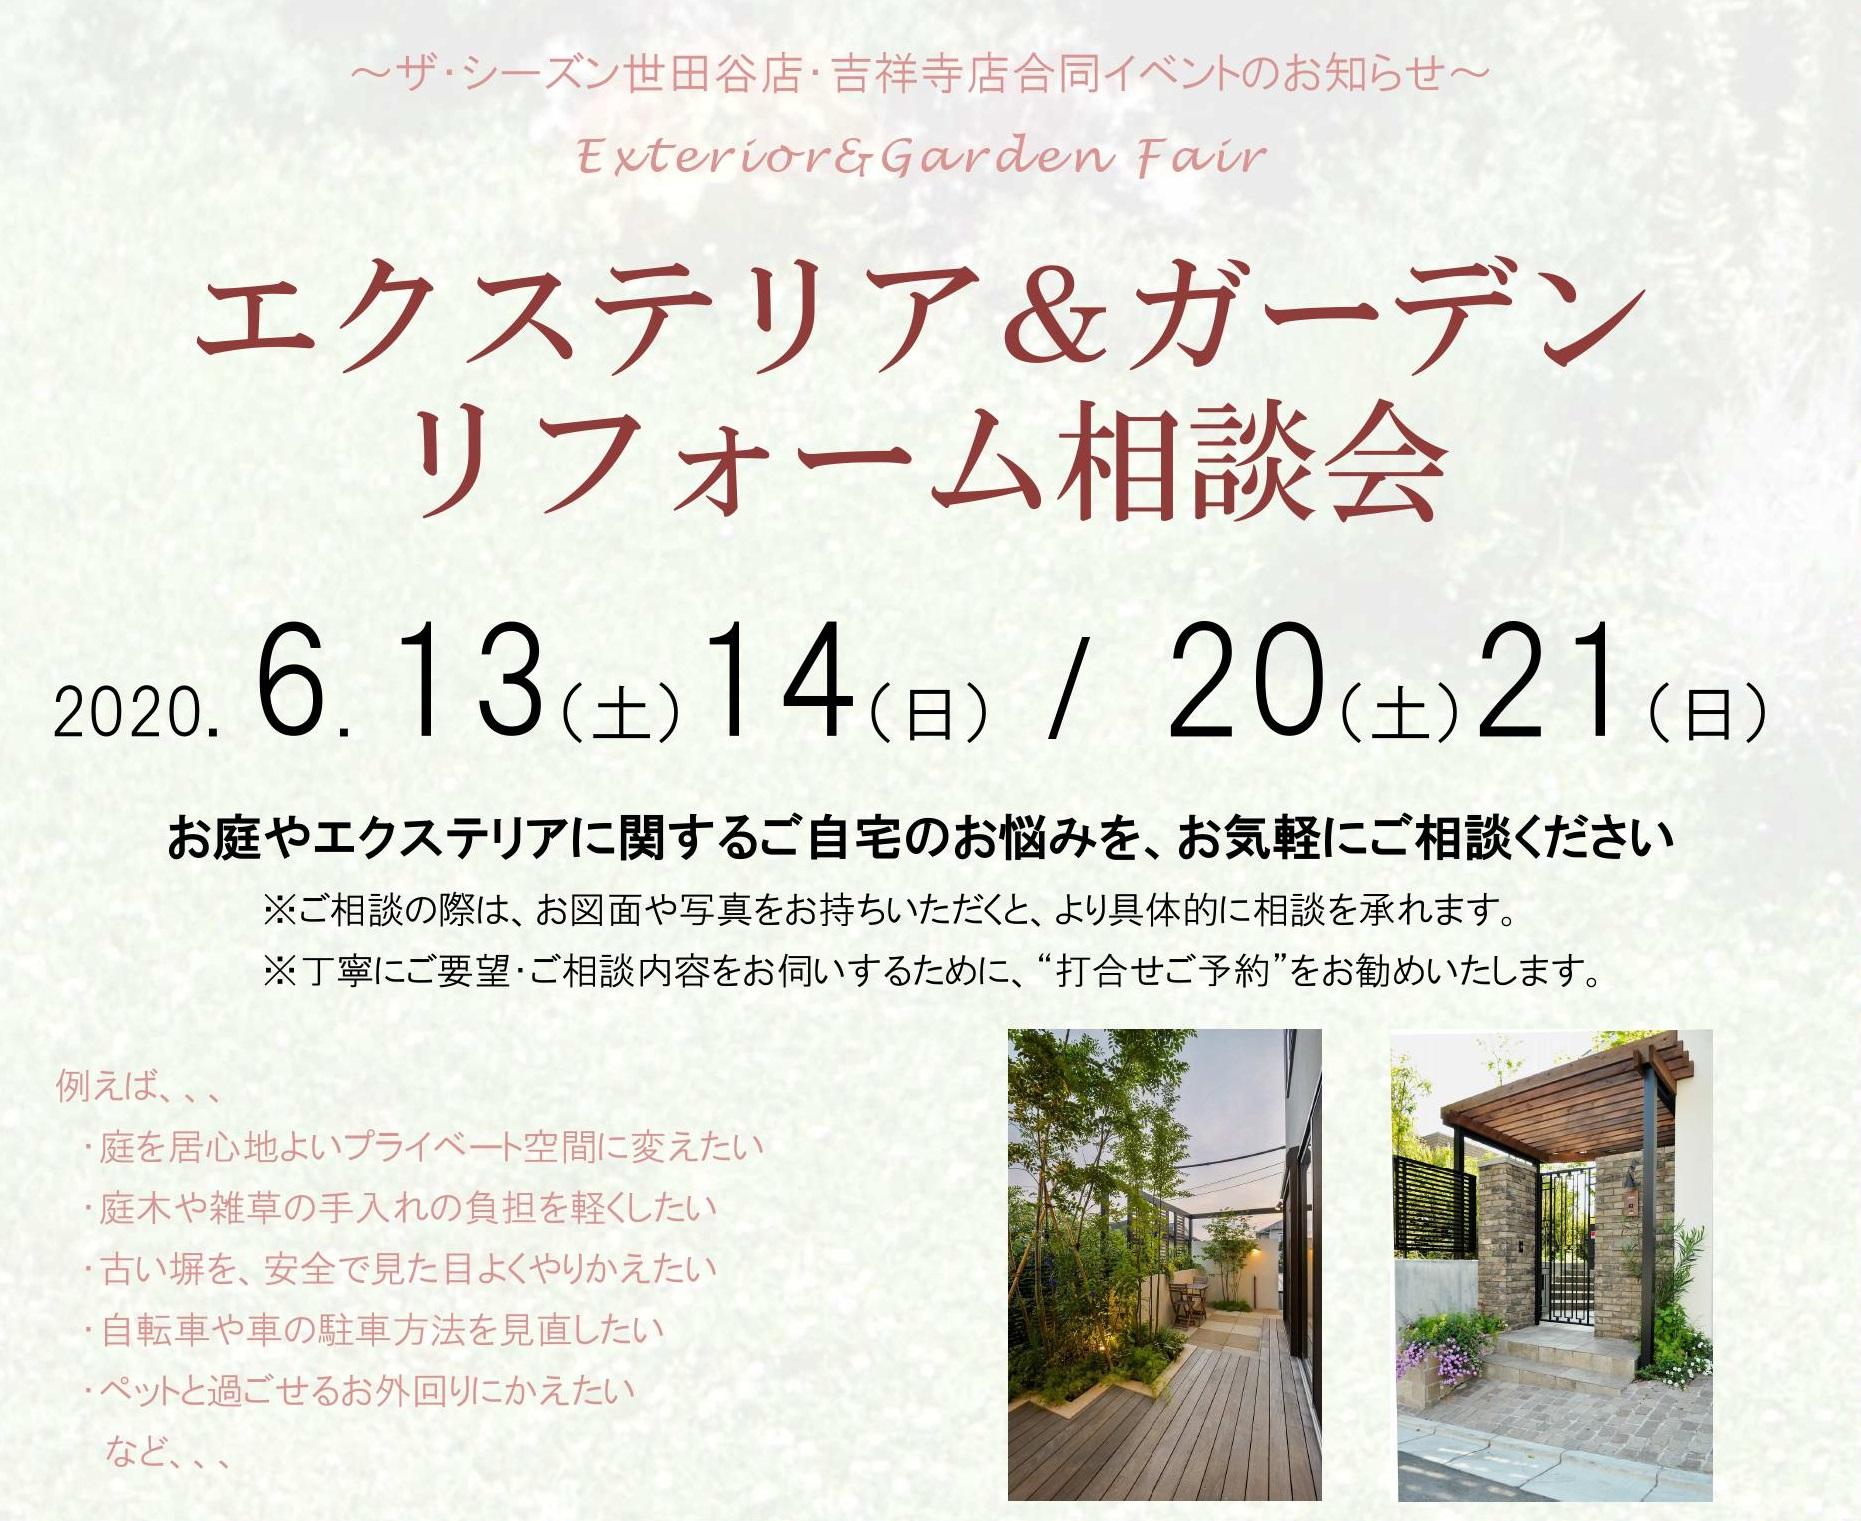 6/13・14・20・21 エクステリア&ガーデン リフォーム相談会開催  2020/06/11